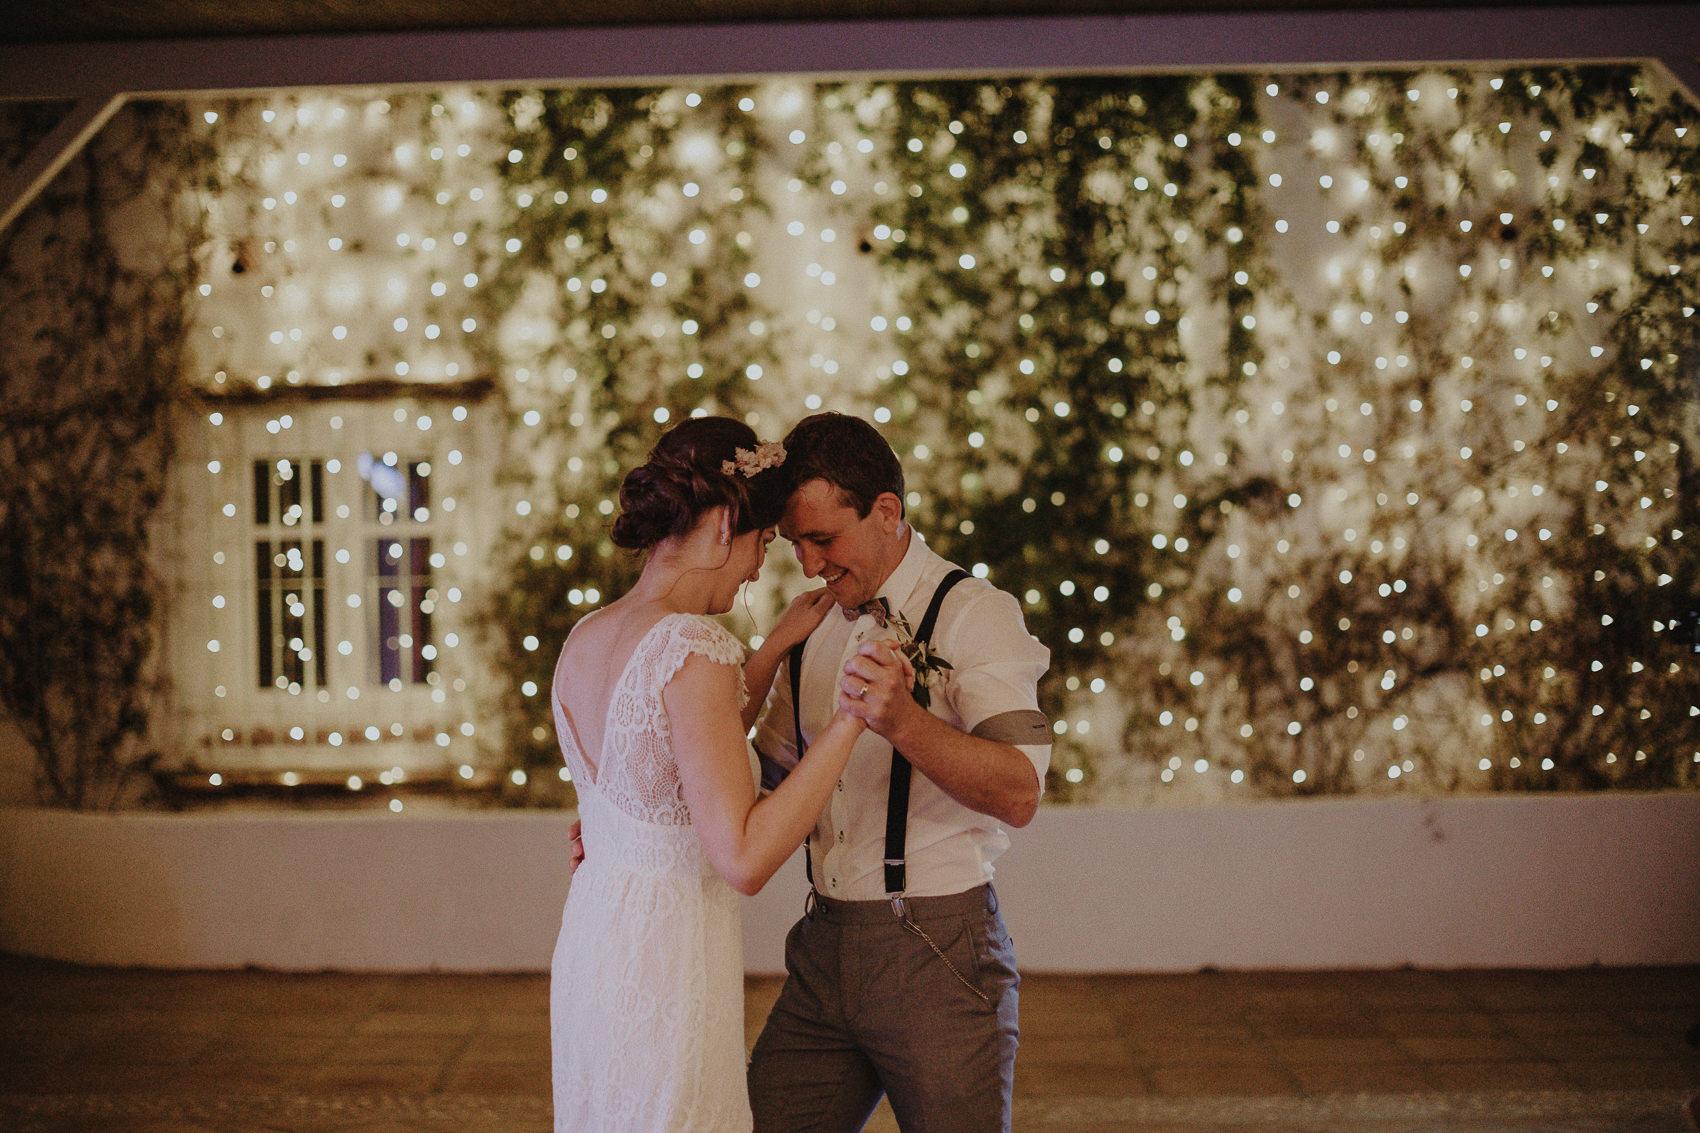 Sarah & Bill | Summer wedding at Cortijo Rosa Blanca | Marbella - Spain 156